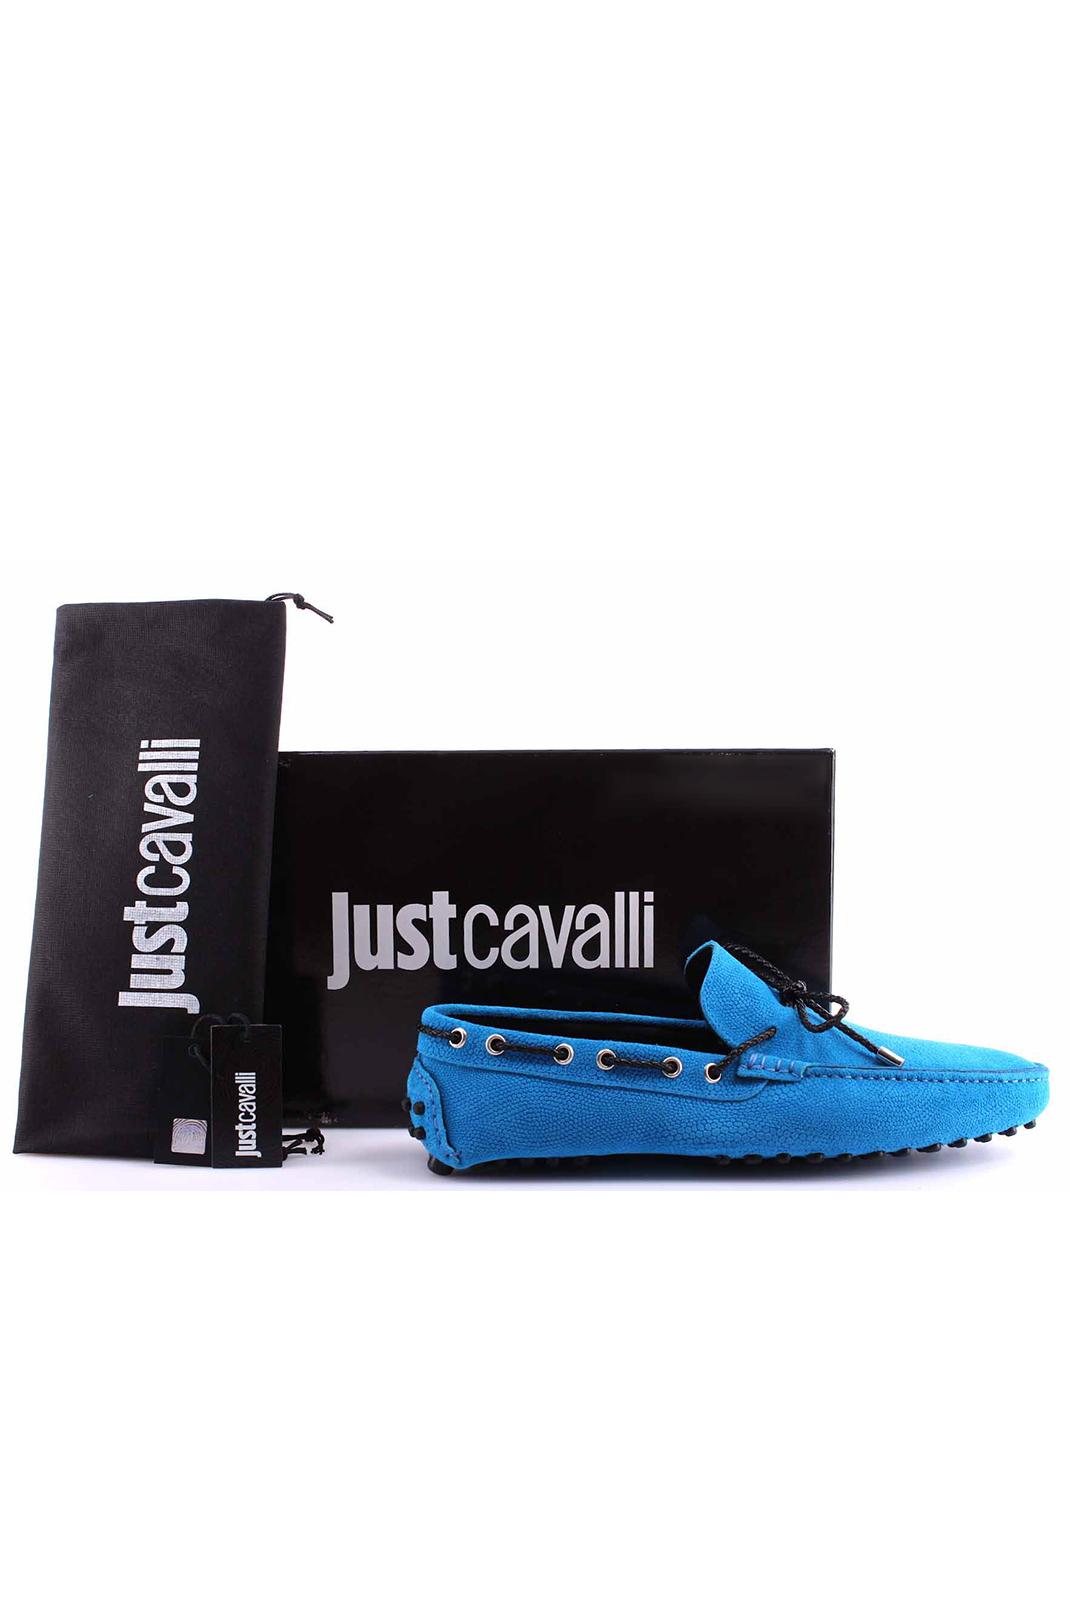 Chaussures de ville  Just Cavalli S12WR0035 (08581) 519 BLEU